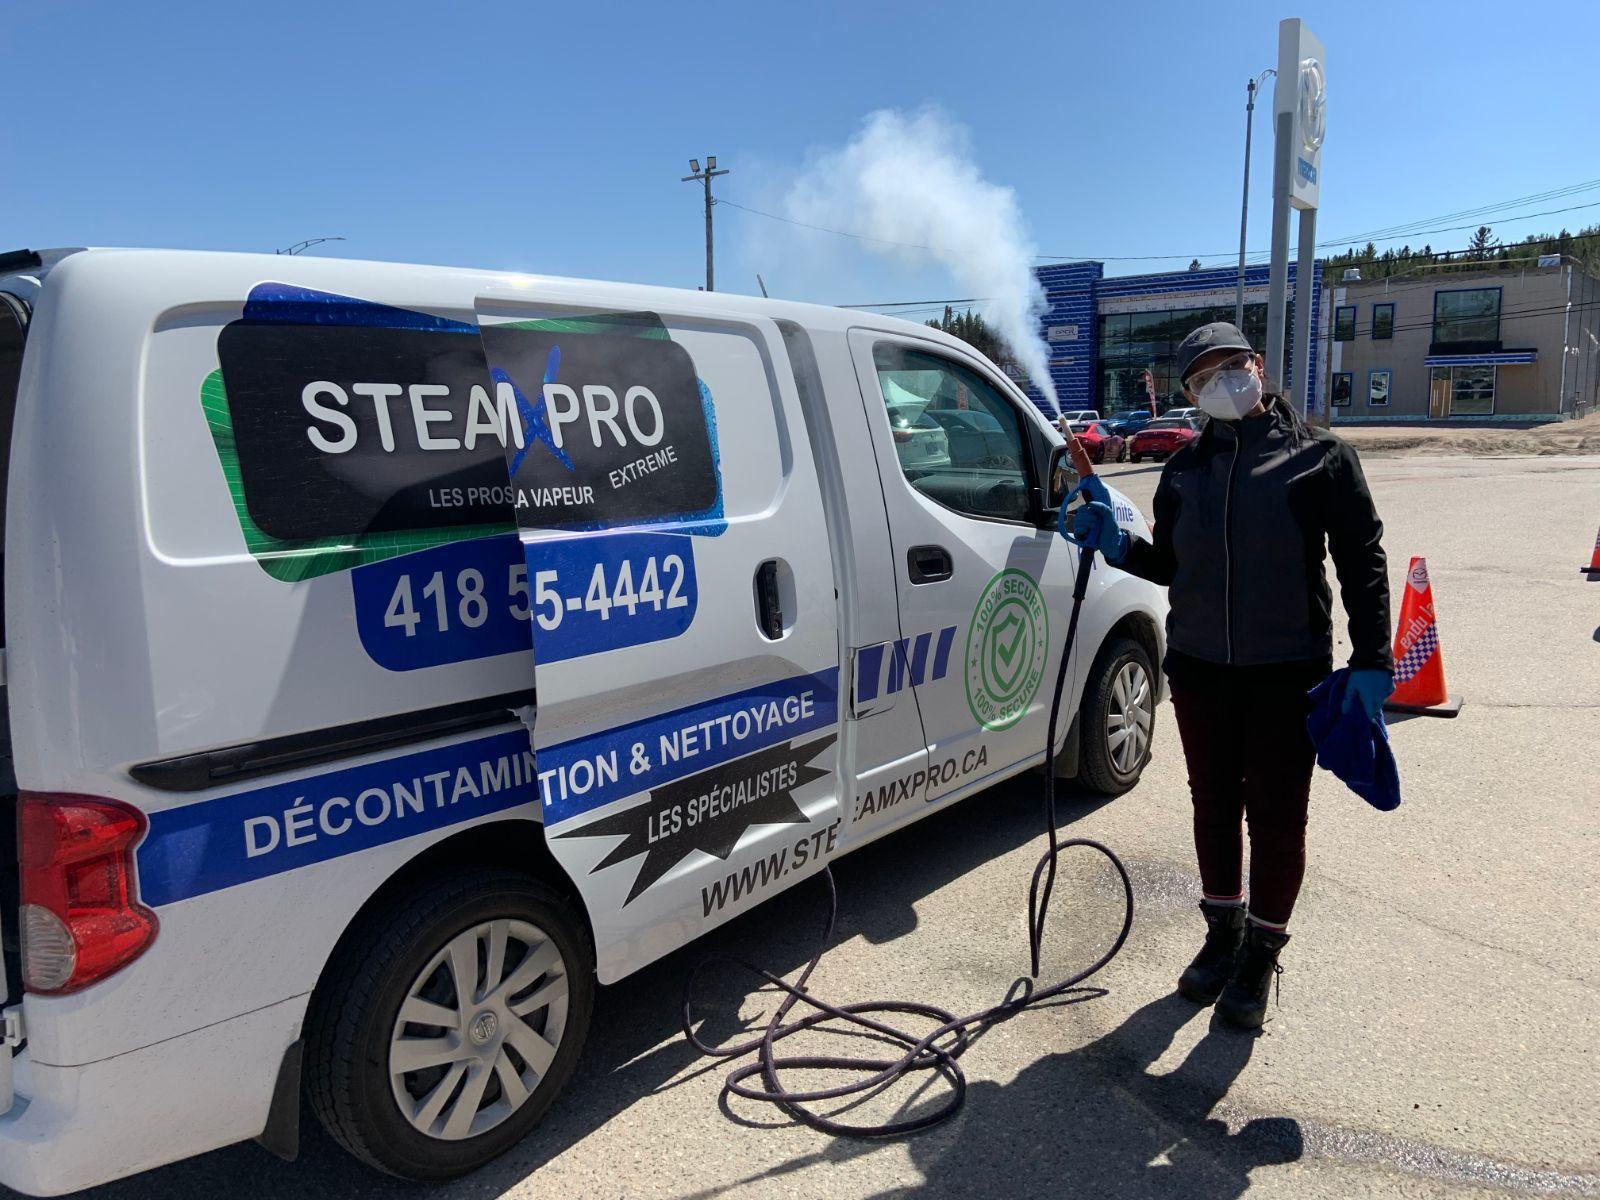 Femme à côté d'une van SteamXPro